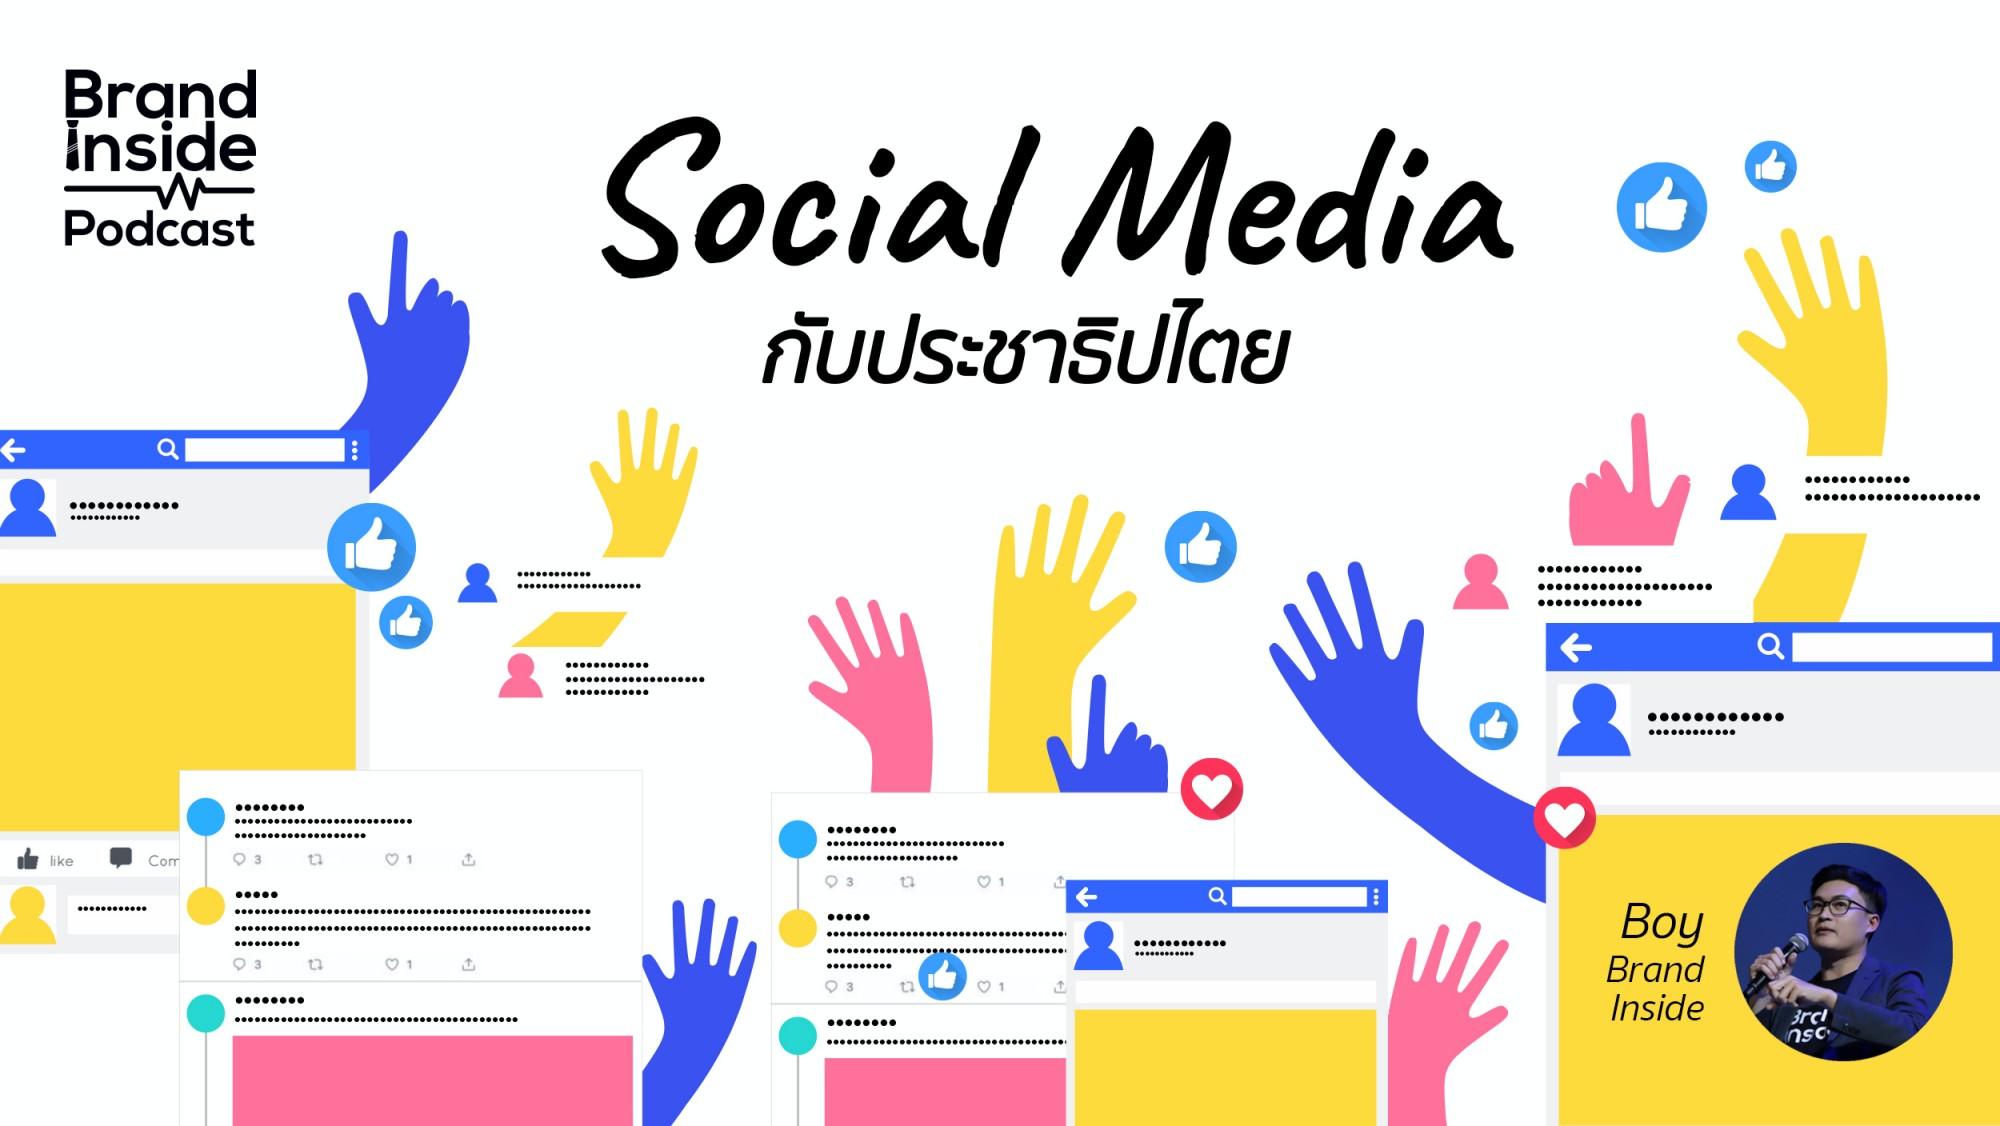 Social Media กับ ประชาธิปไตย   BI Podcast